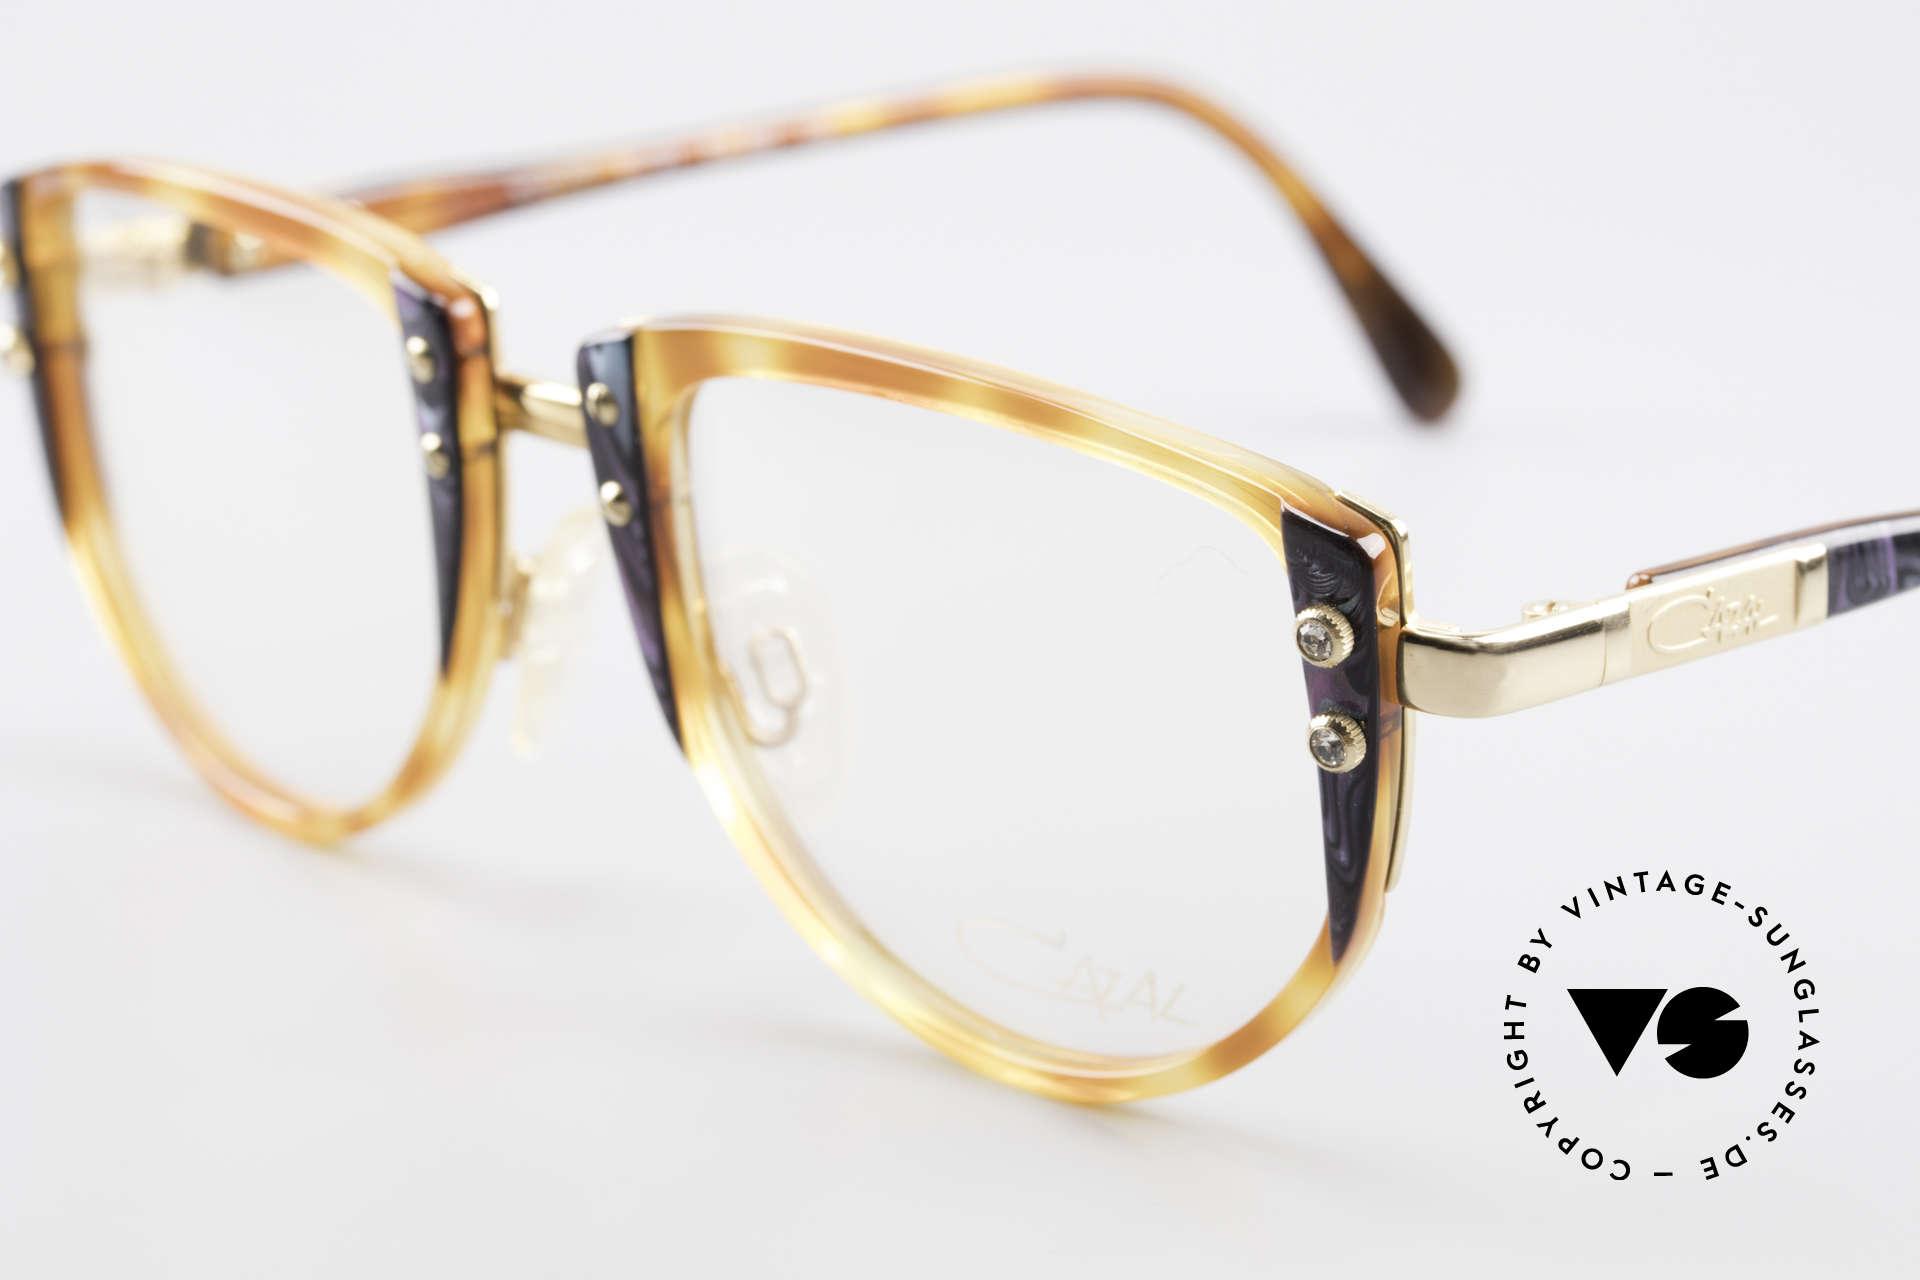 Cazal 332 90er Vintage Cazal Brille OG, ungetragen (wie alle unsere vintage Cazal Brillen), Passend für Damen